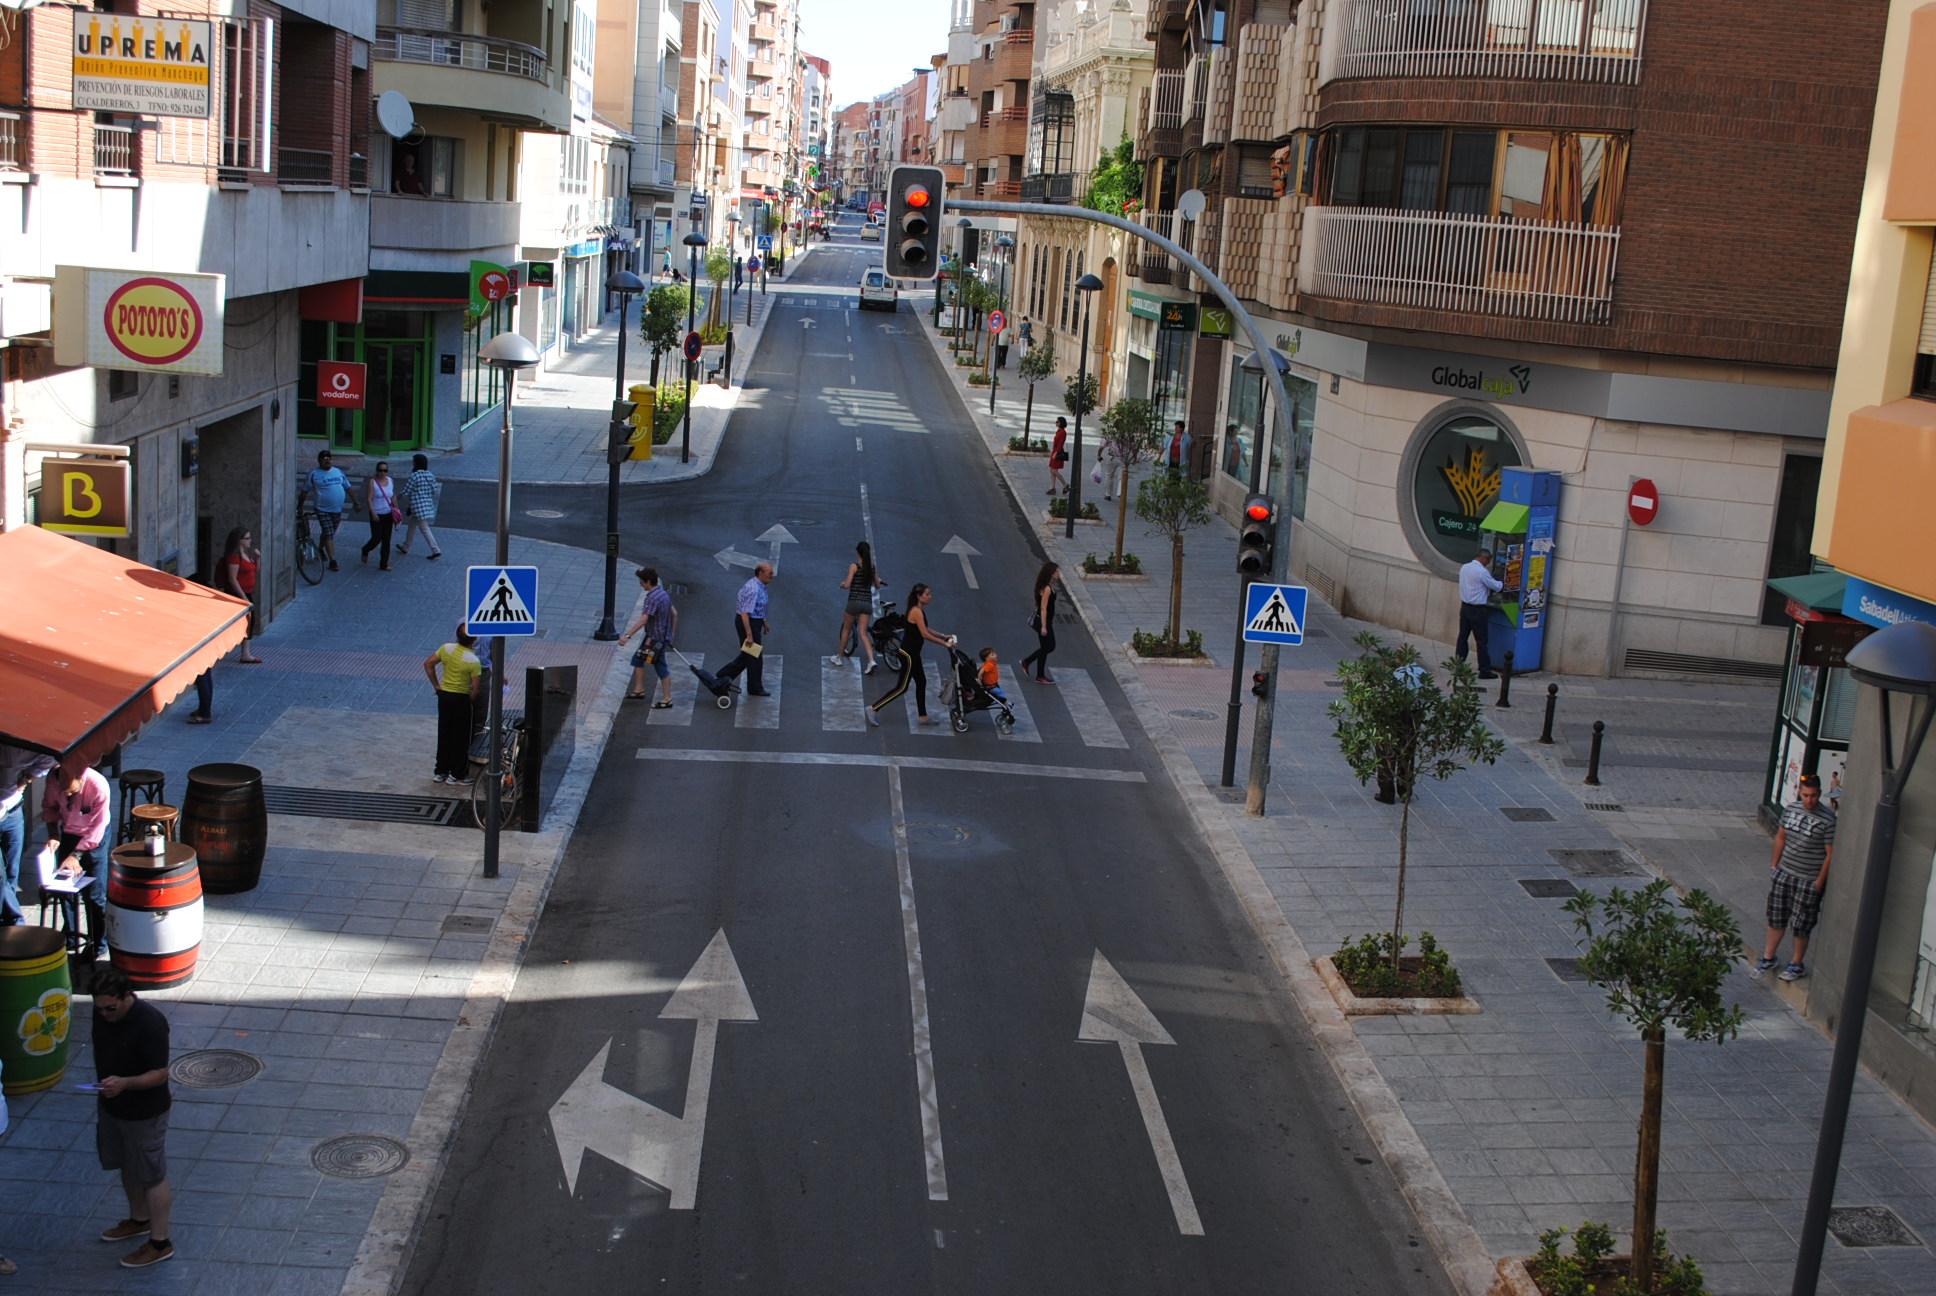 El número de accidentes descendió en Valdepeñas en 2014 un 12,5% respecto al año anterior